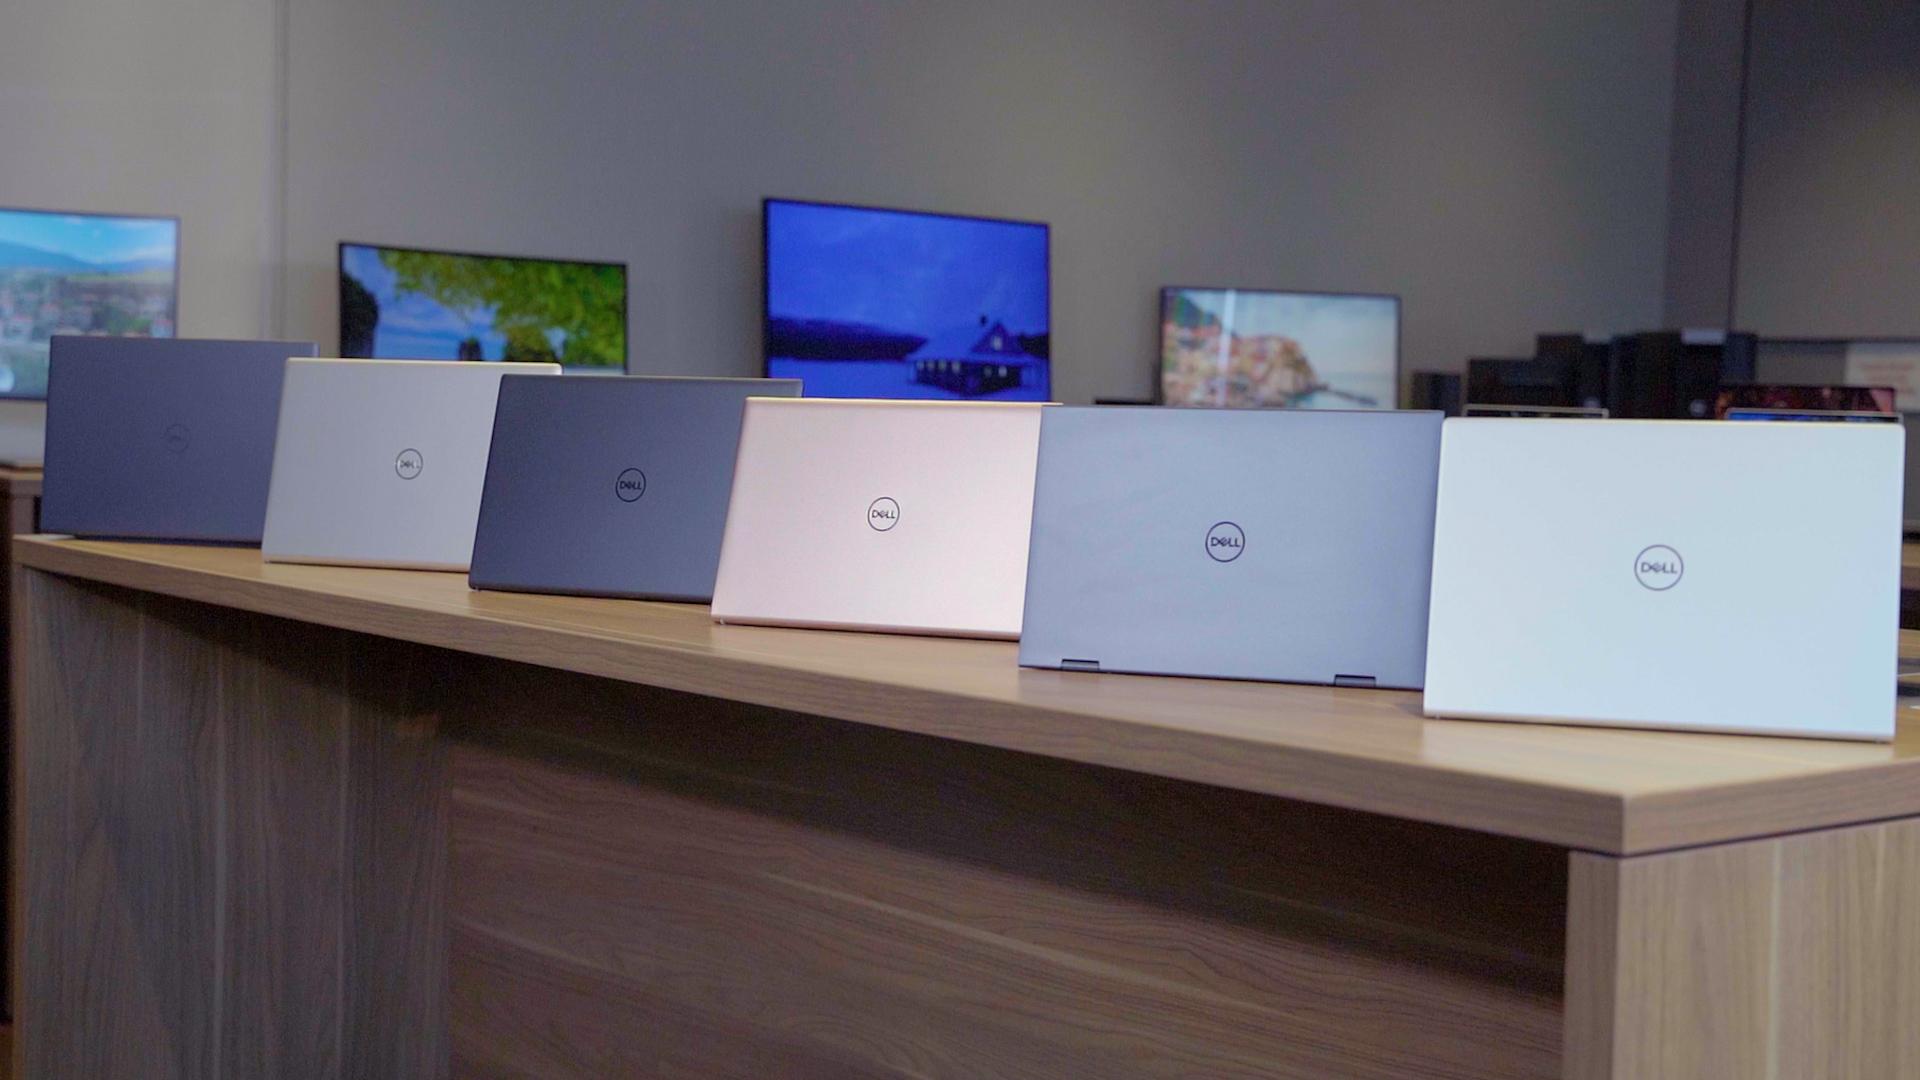 Ici la nouvelle gamme Dell Inspiron, pour illustration